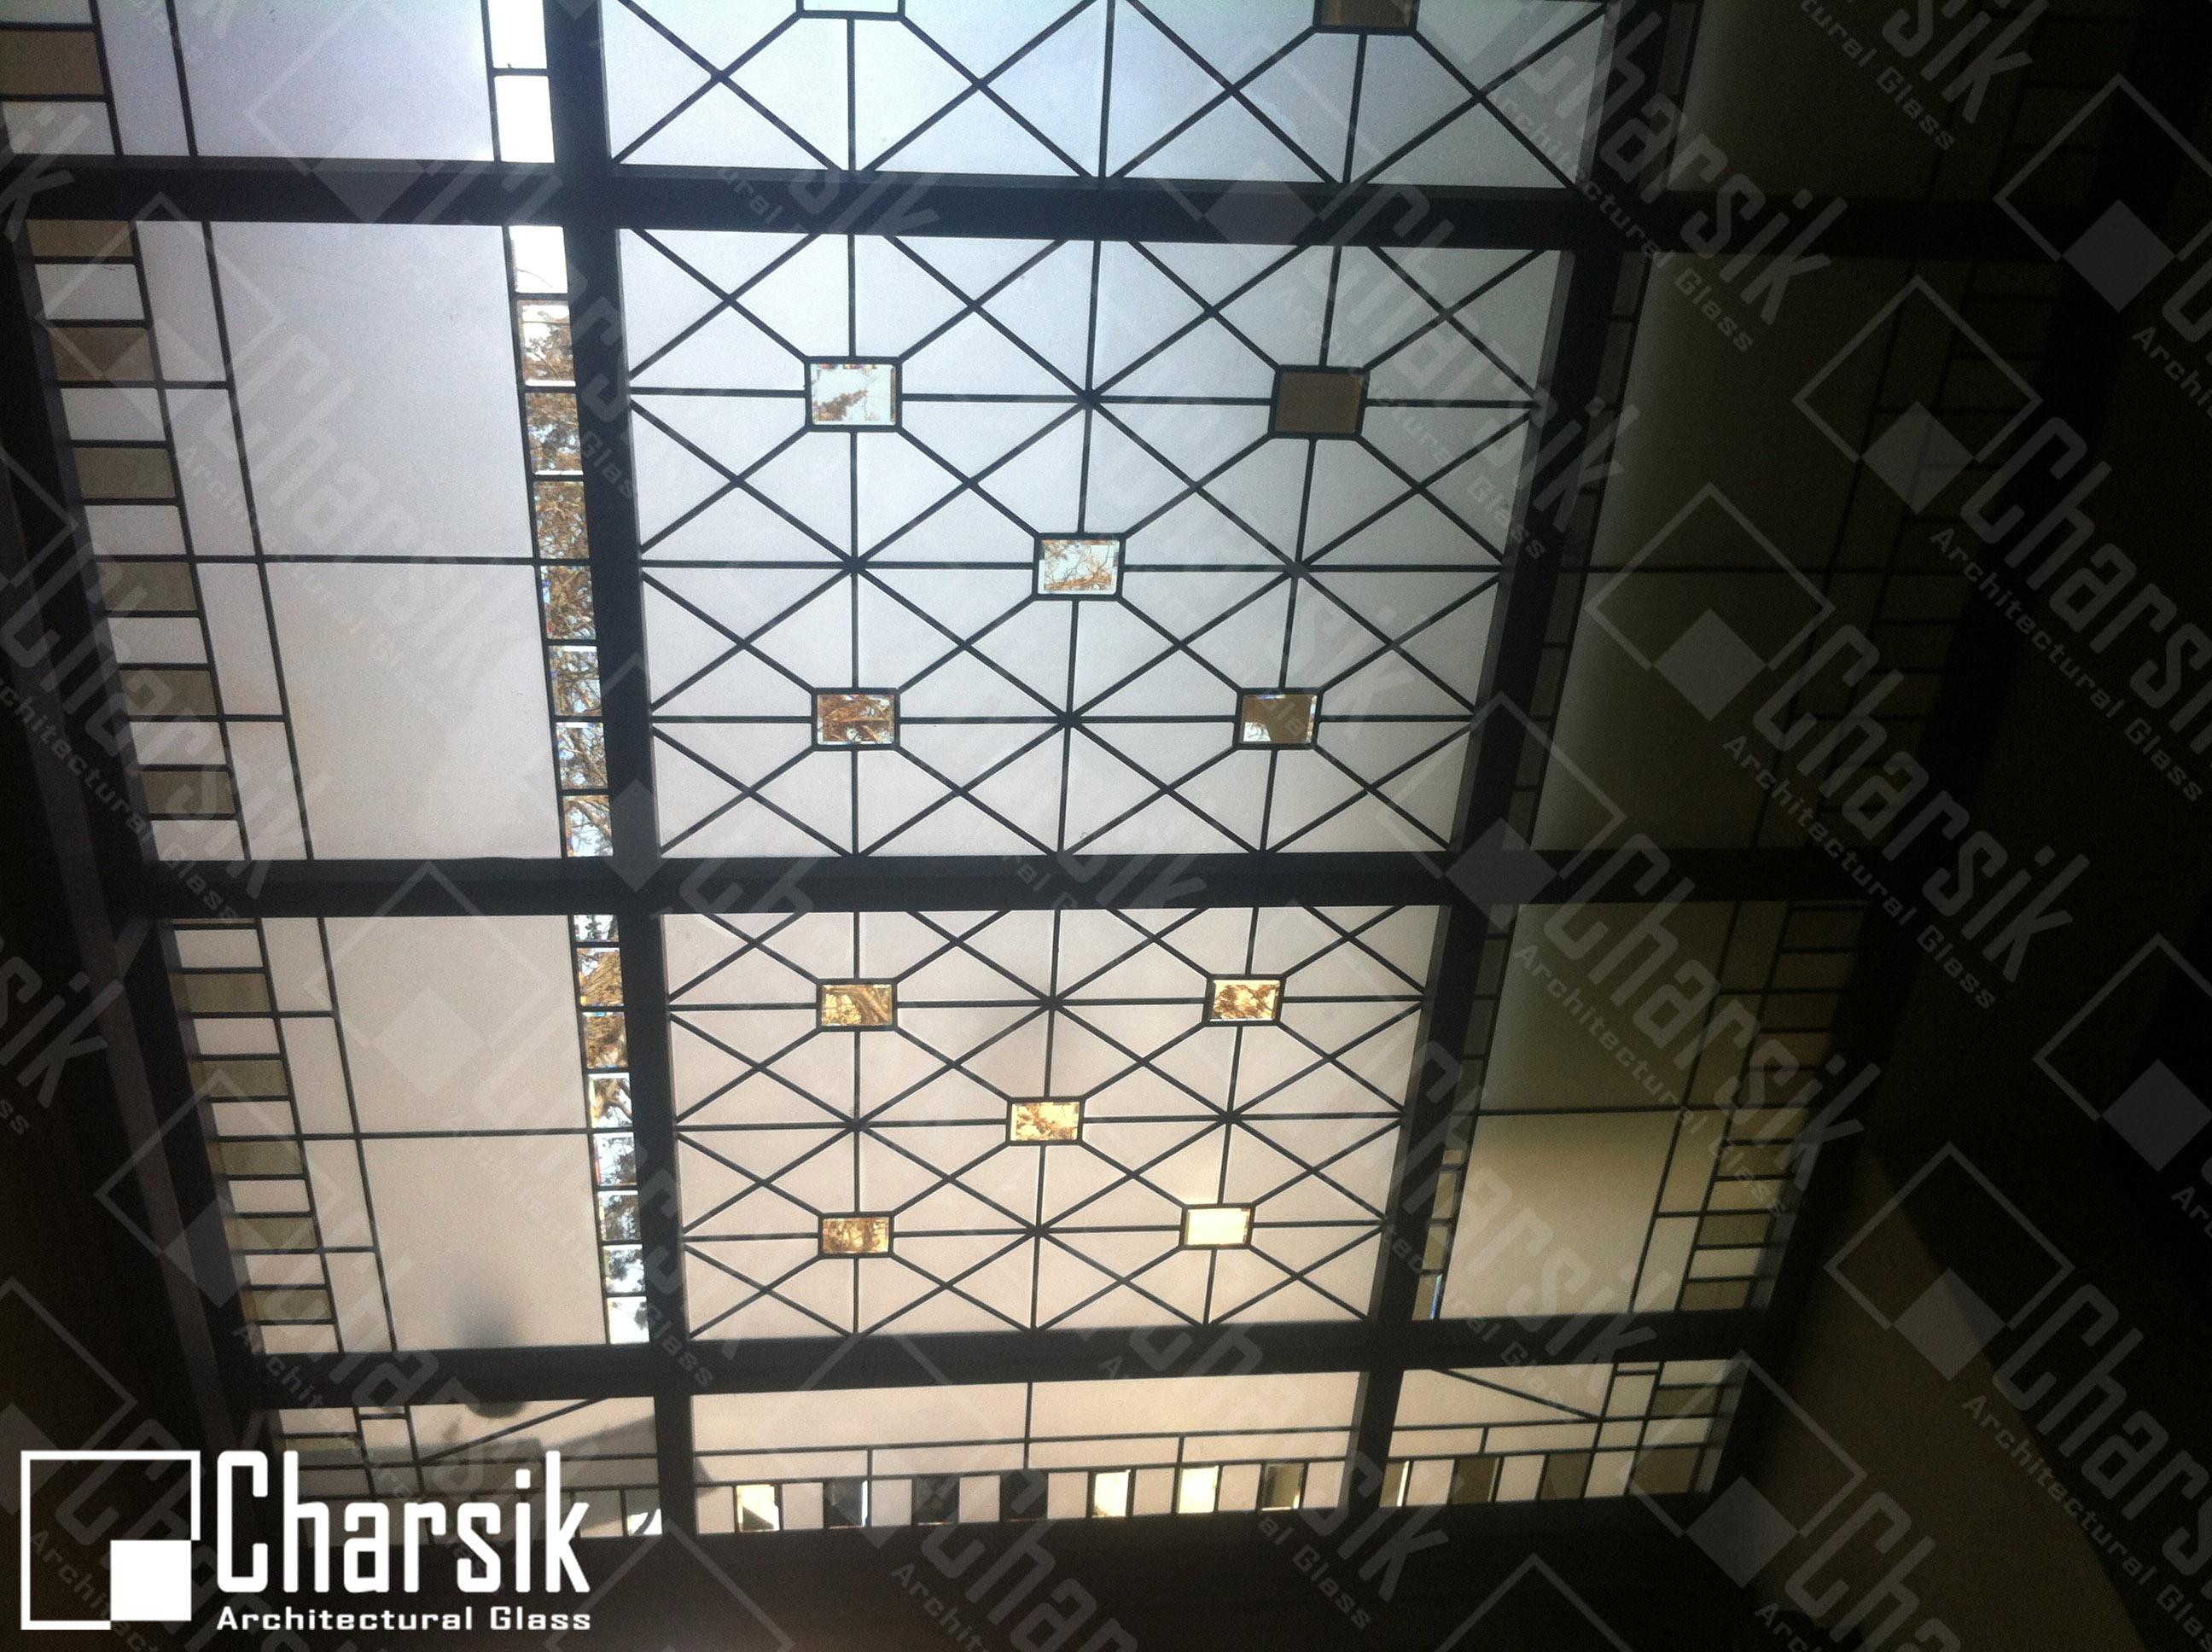 سقف نورگیر شیشه ای استیند گلس ولنجک. نورگیر سقفی لوکس چارسیک